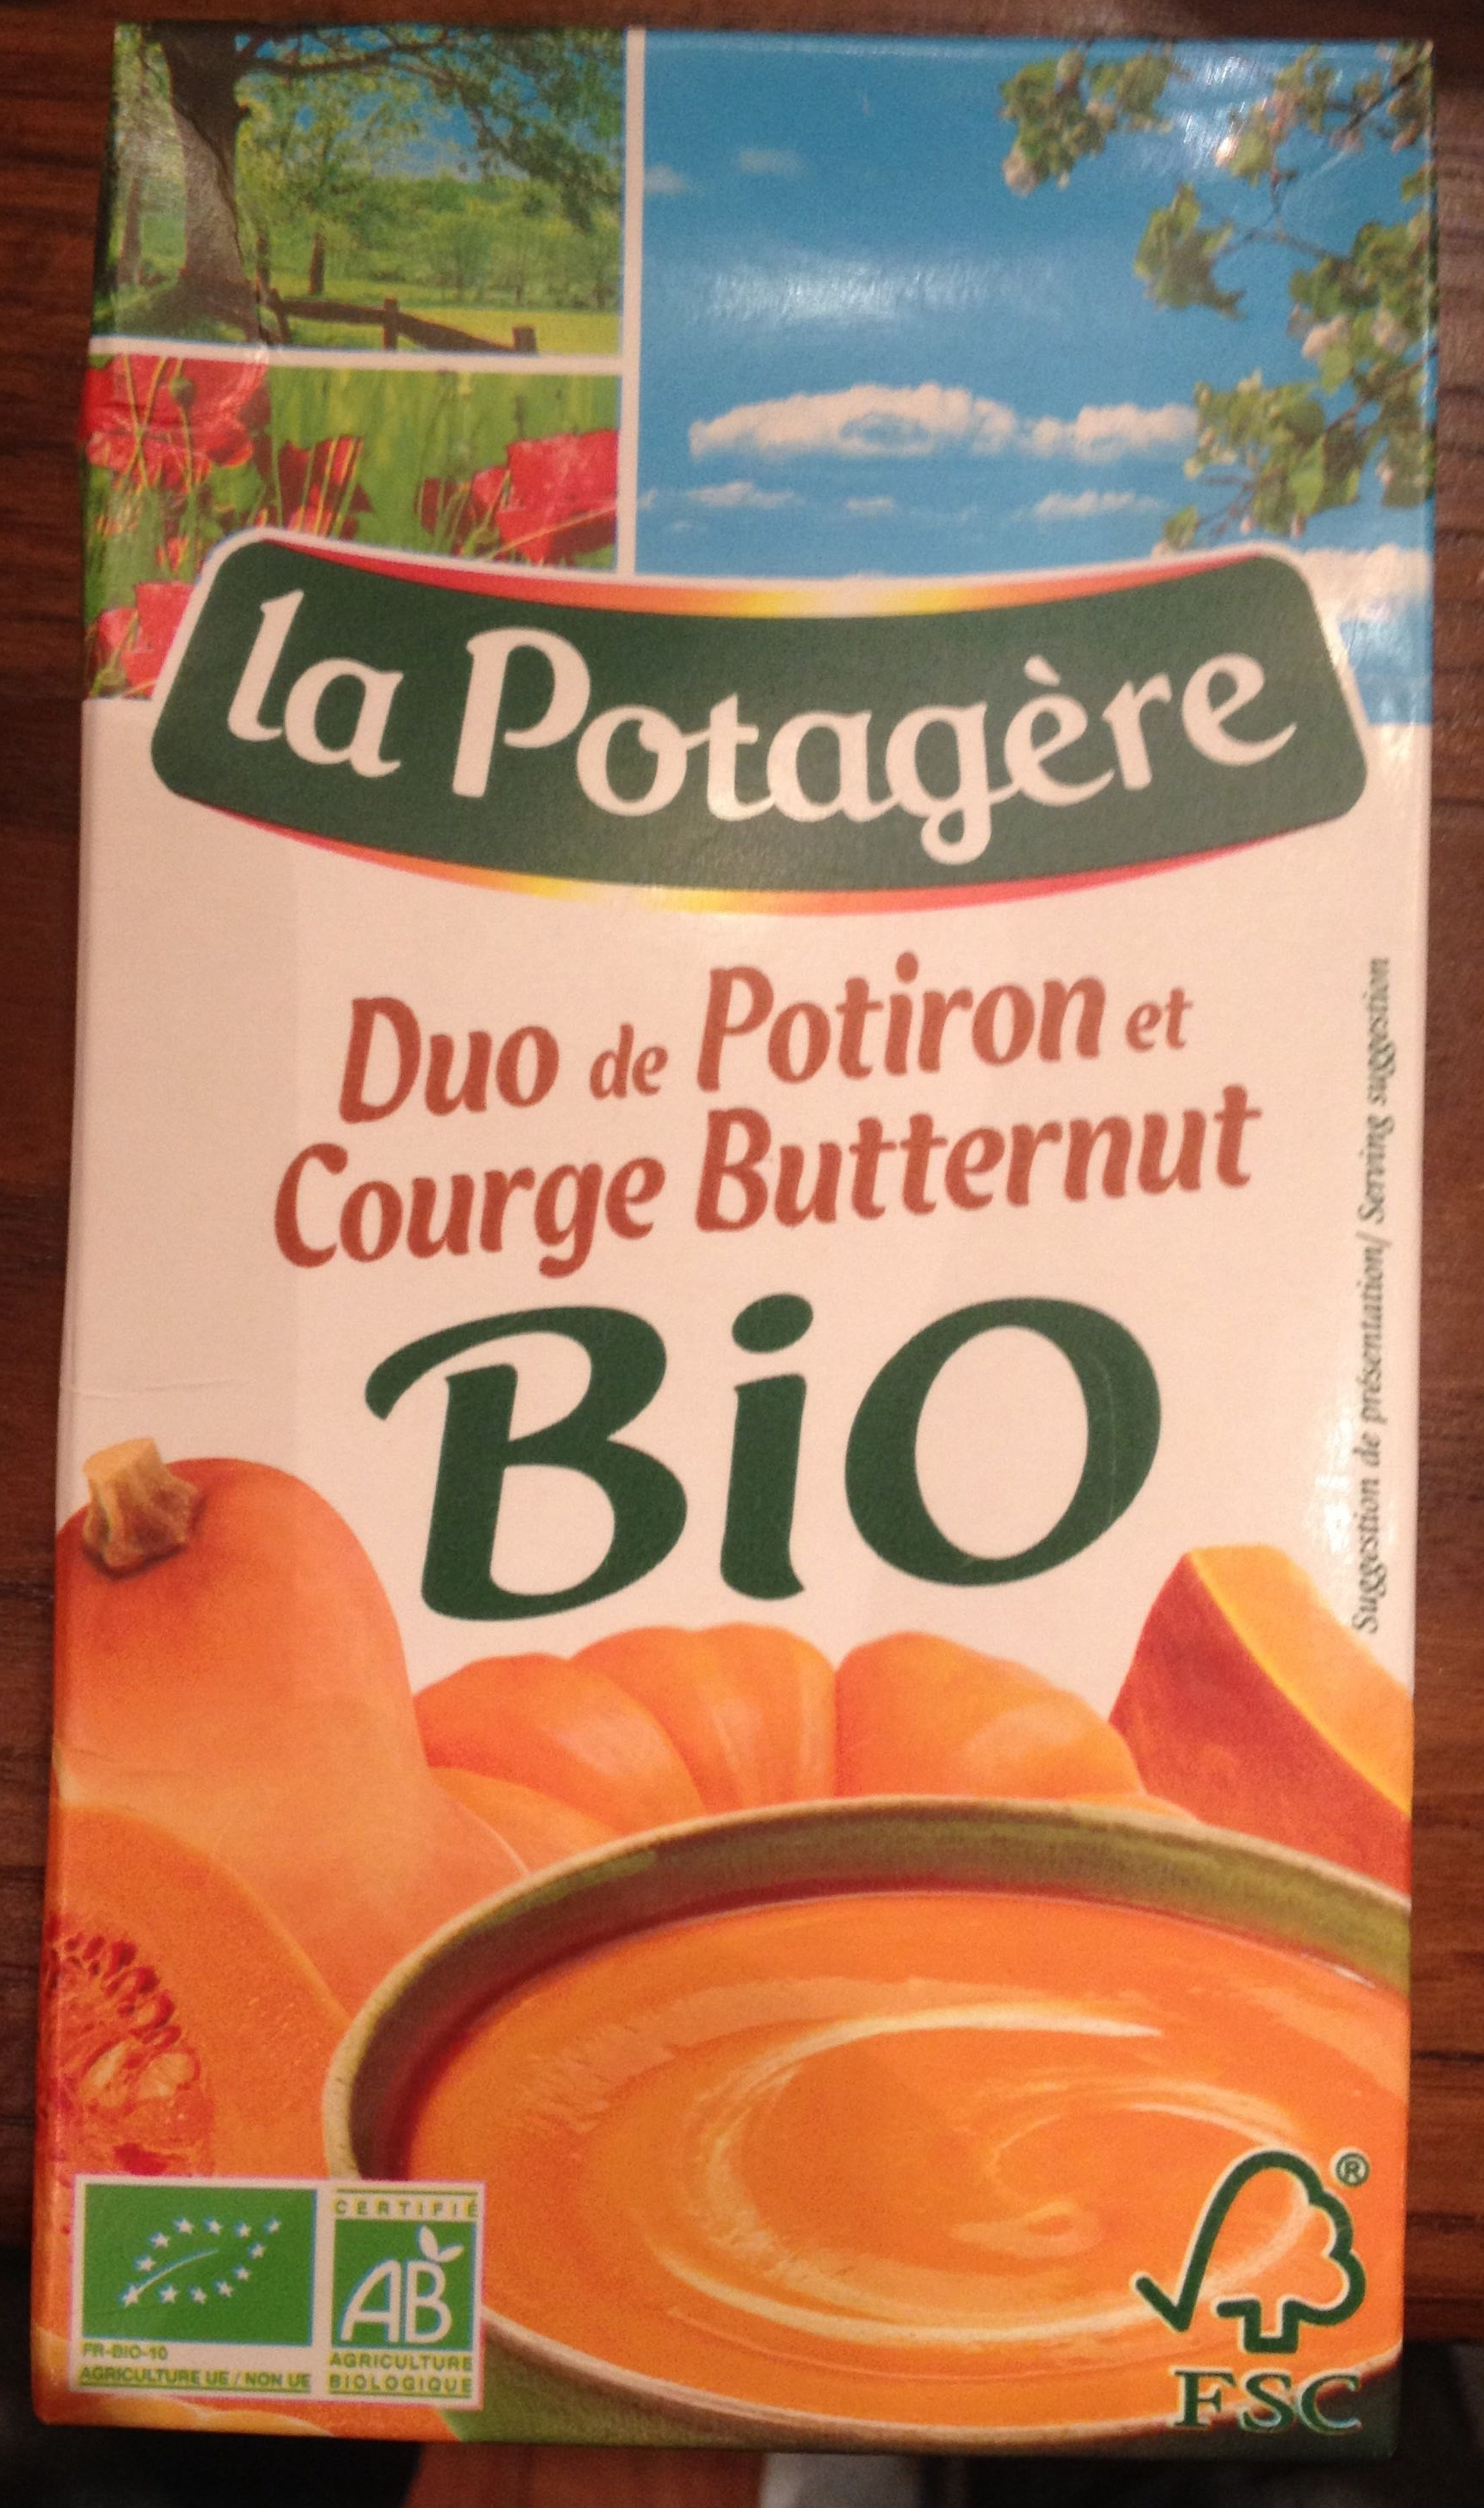 Duo de Potiron et Courge Butternut bio - Product - fr